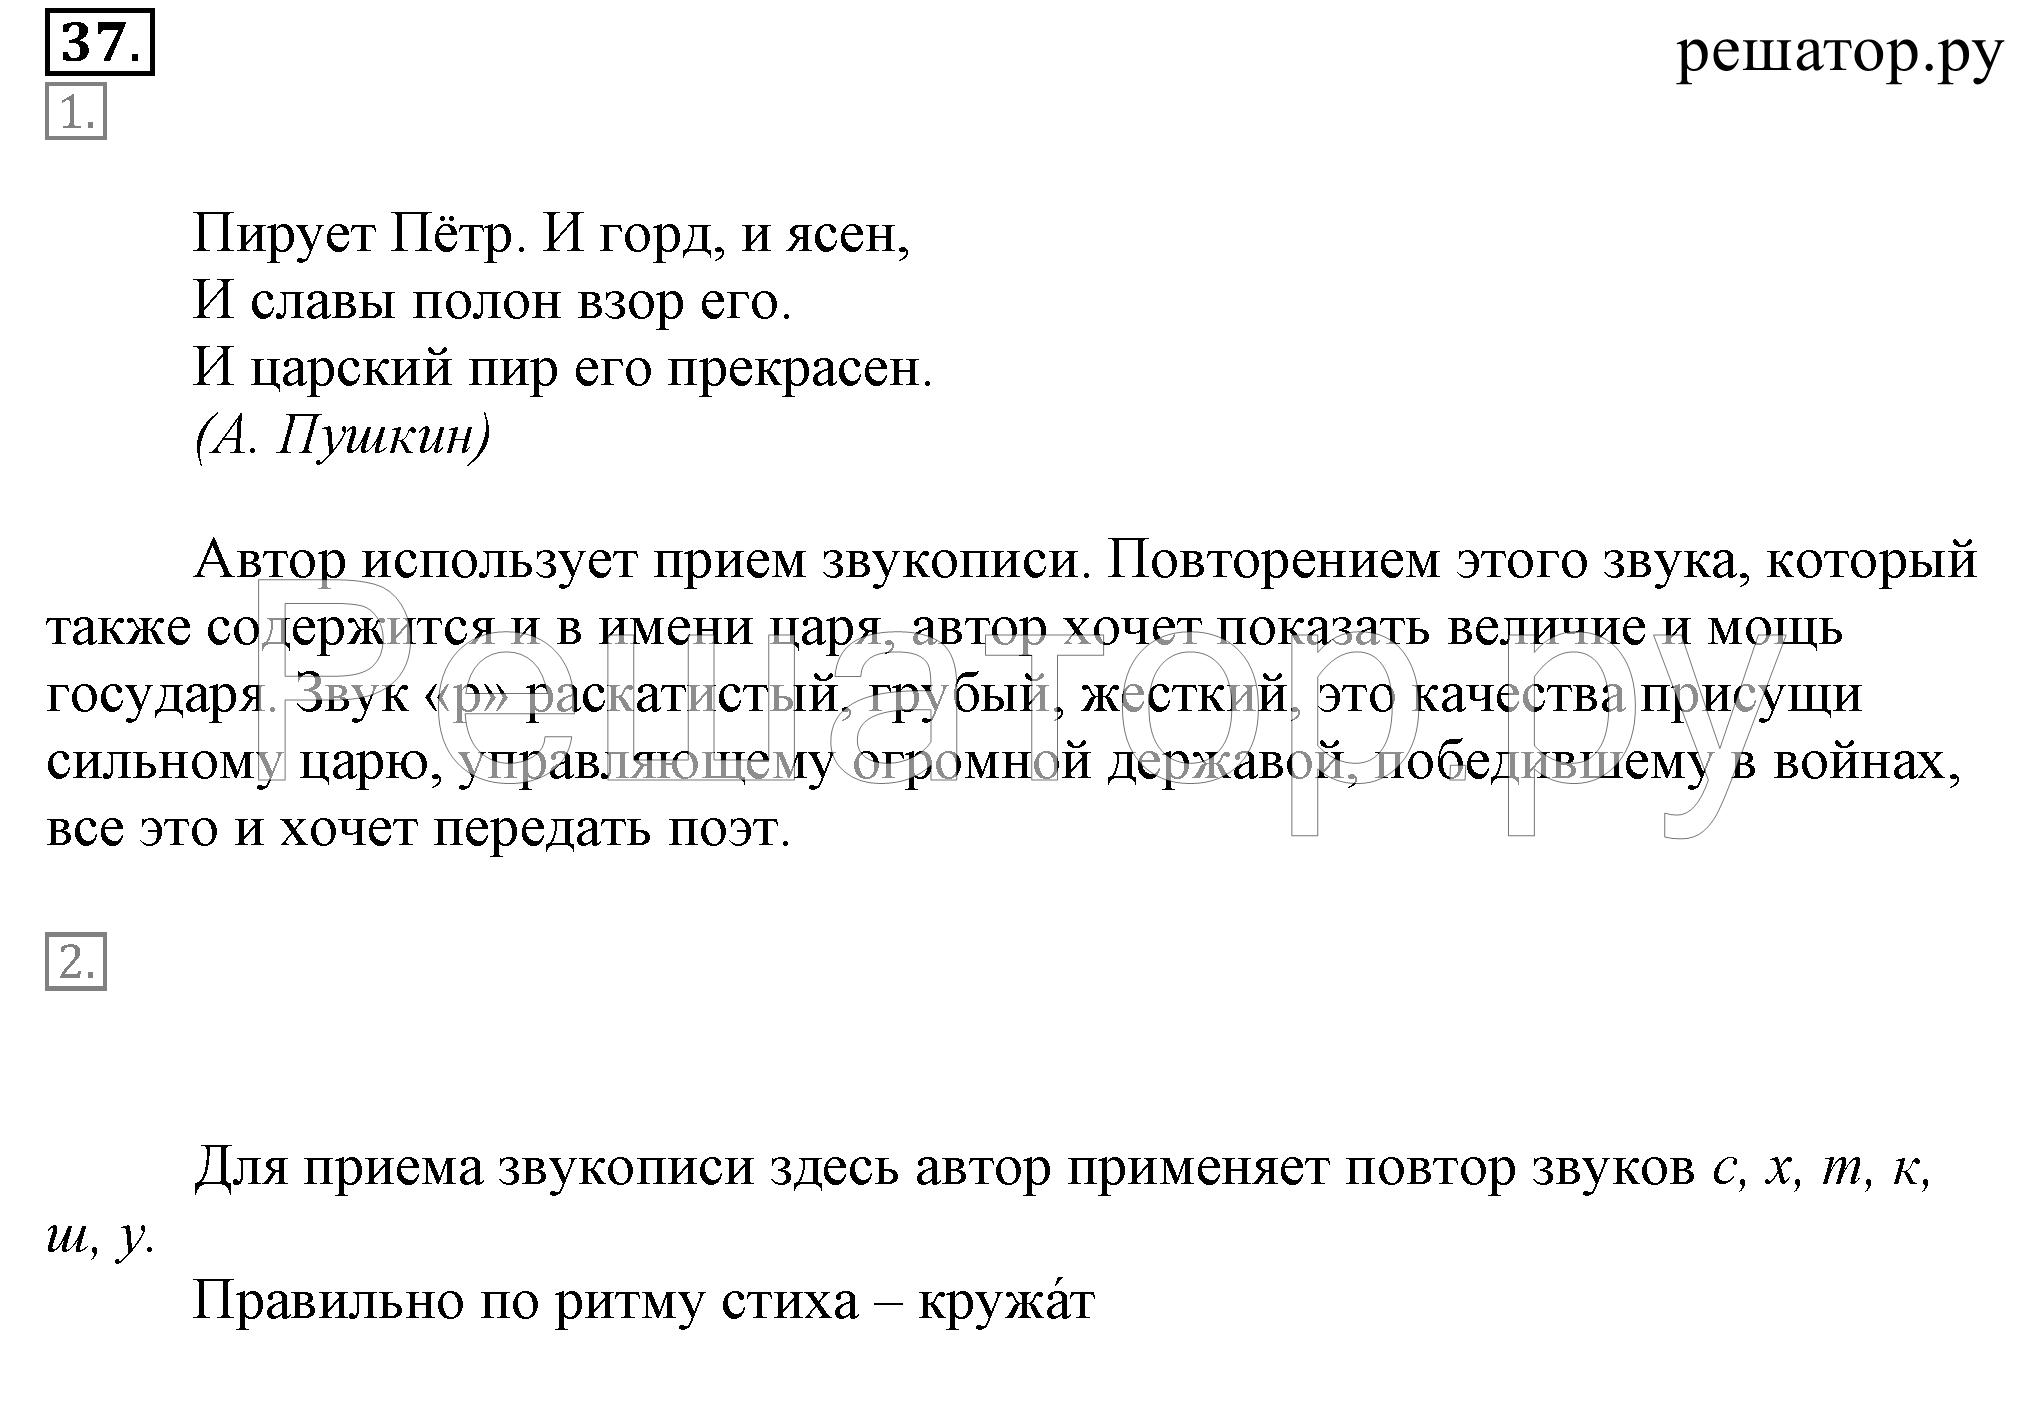 Гдз по русскому языку 7 класс разумовская п.а леканта 2018 год